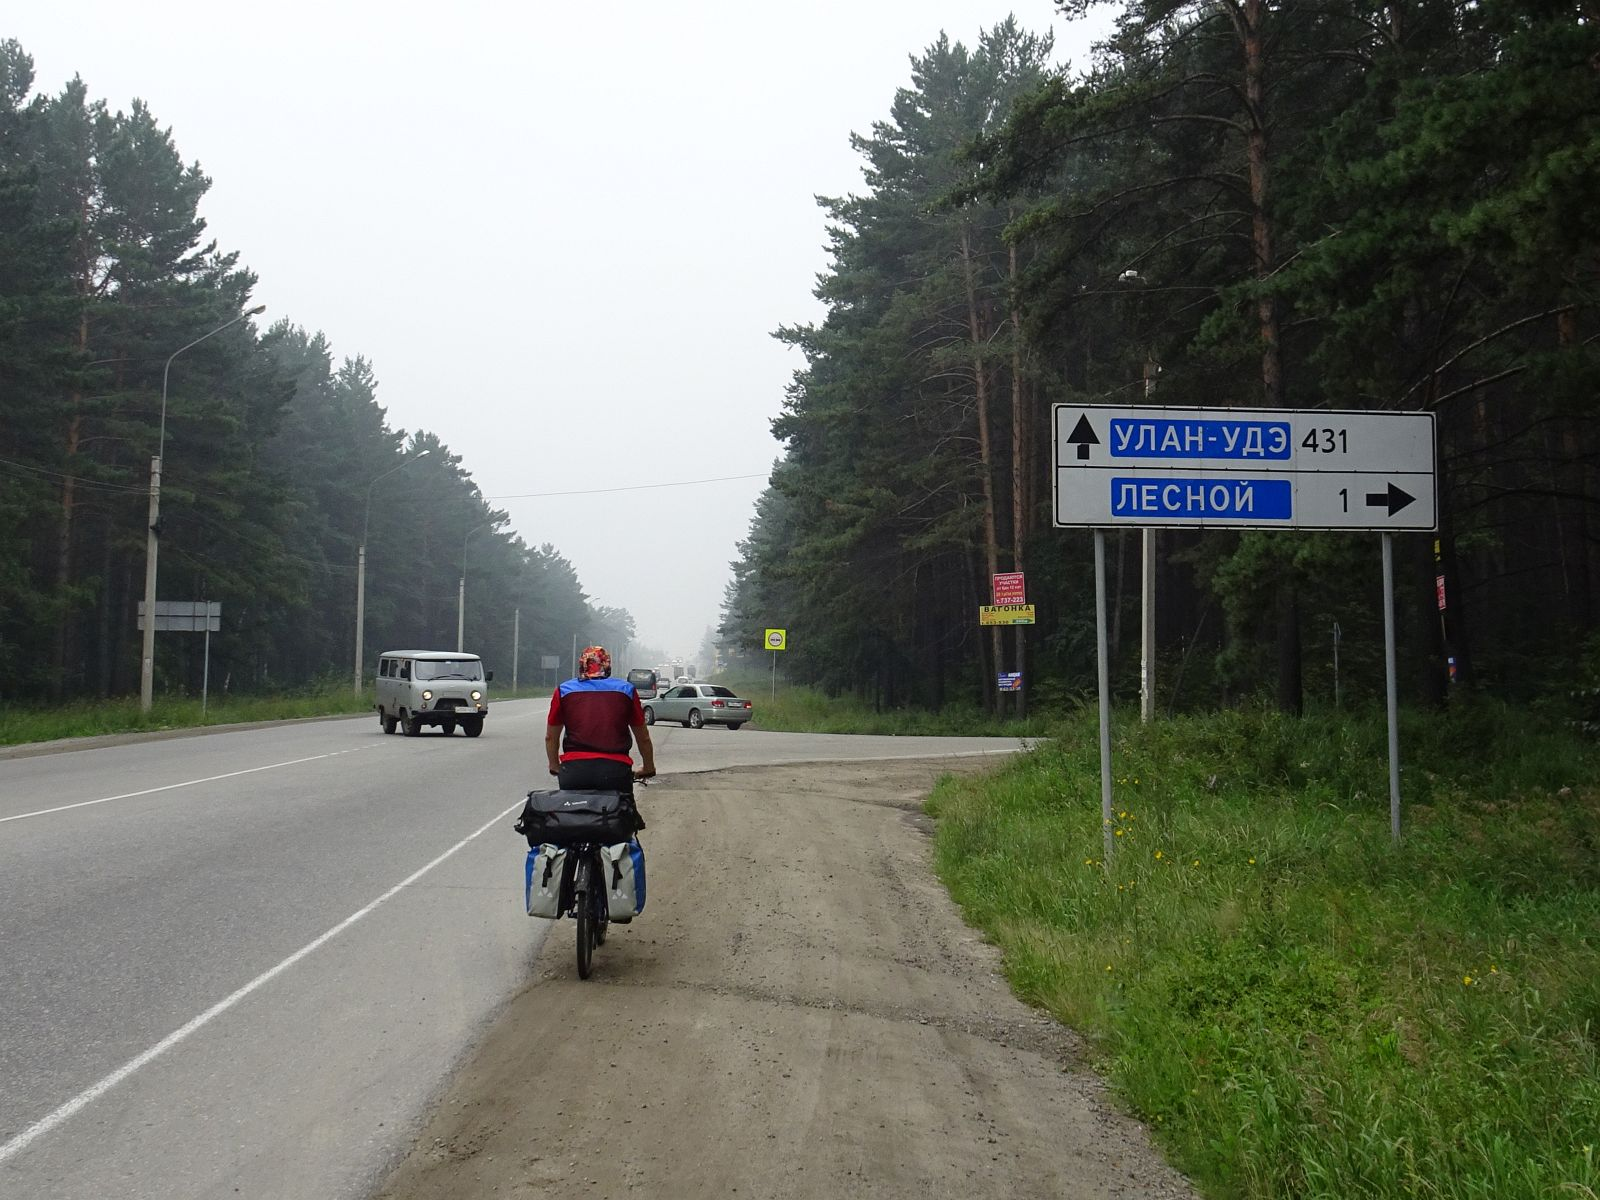 09.08.2016 – 11.08.2016 von Irkutsk nach Sljudjanka